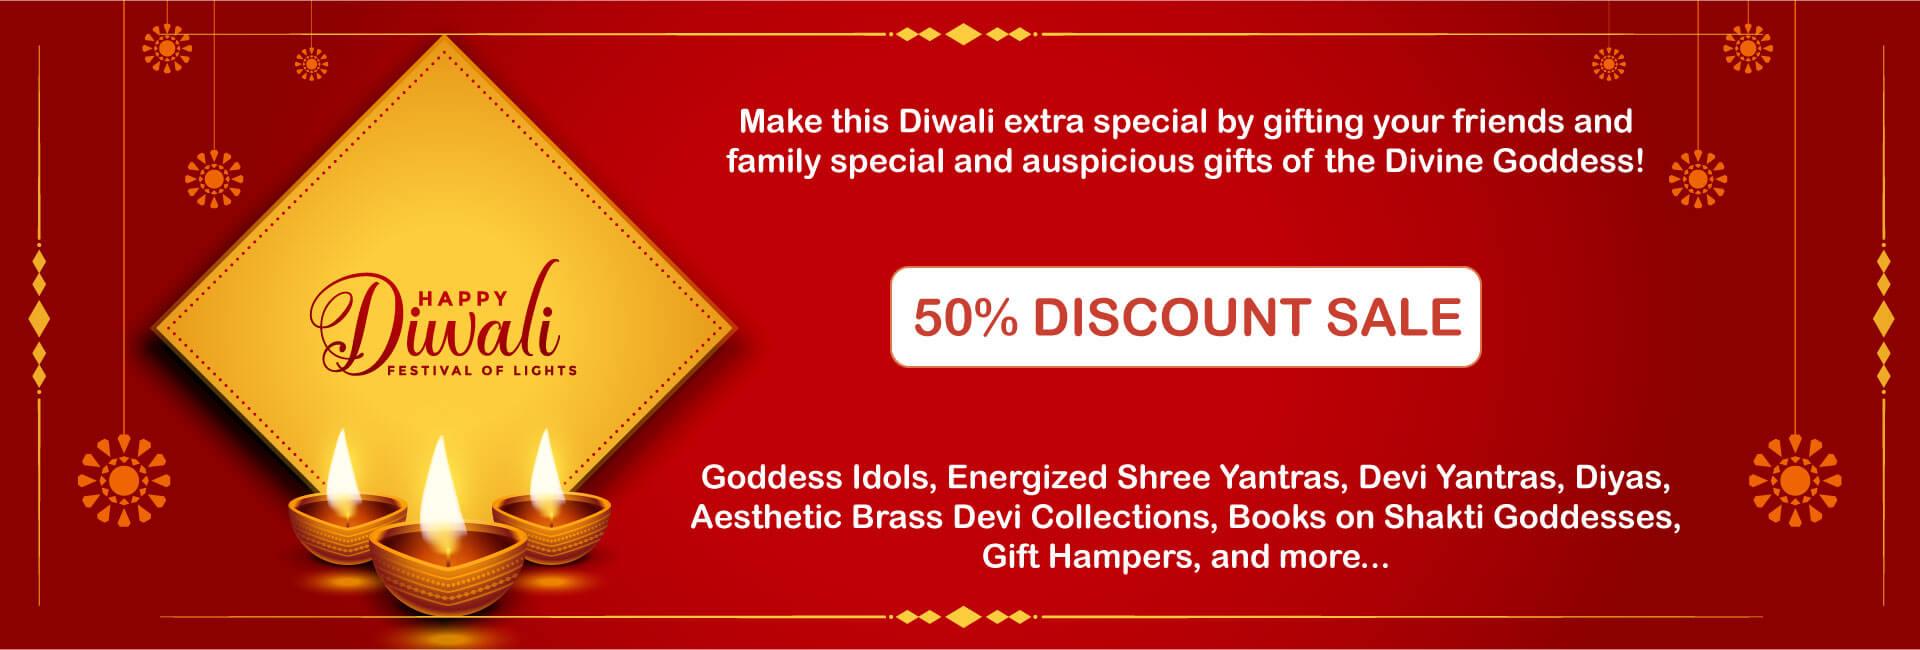 Diwali Offer SaansMart